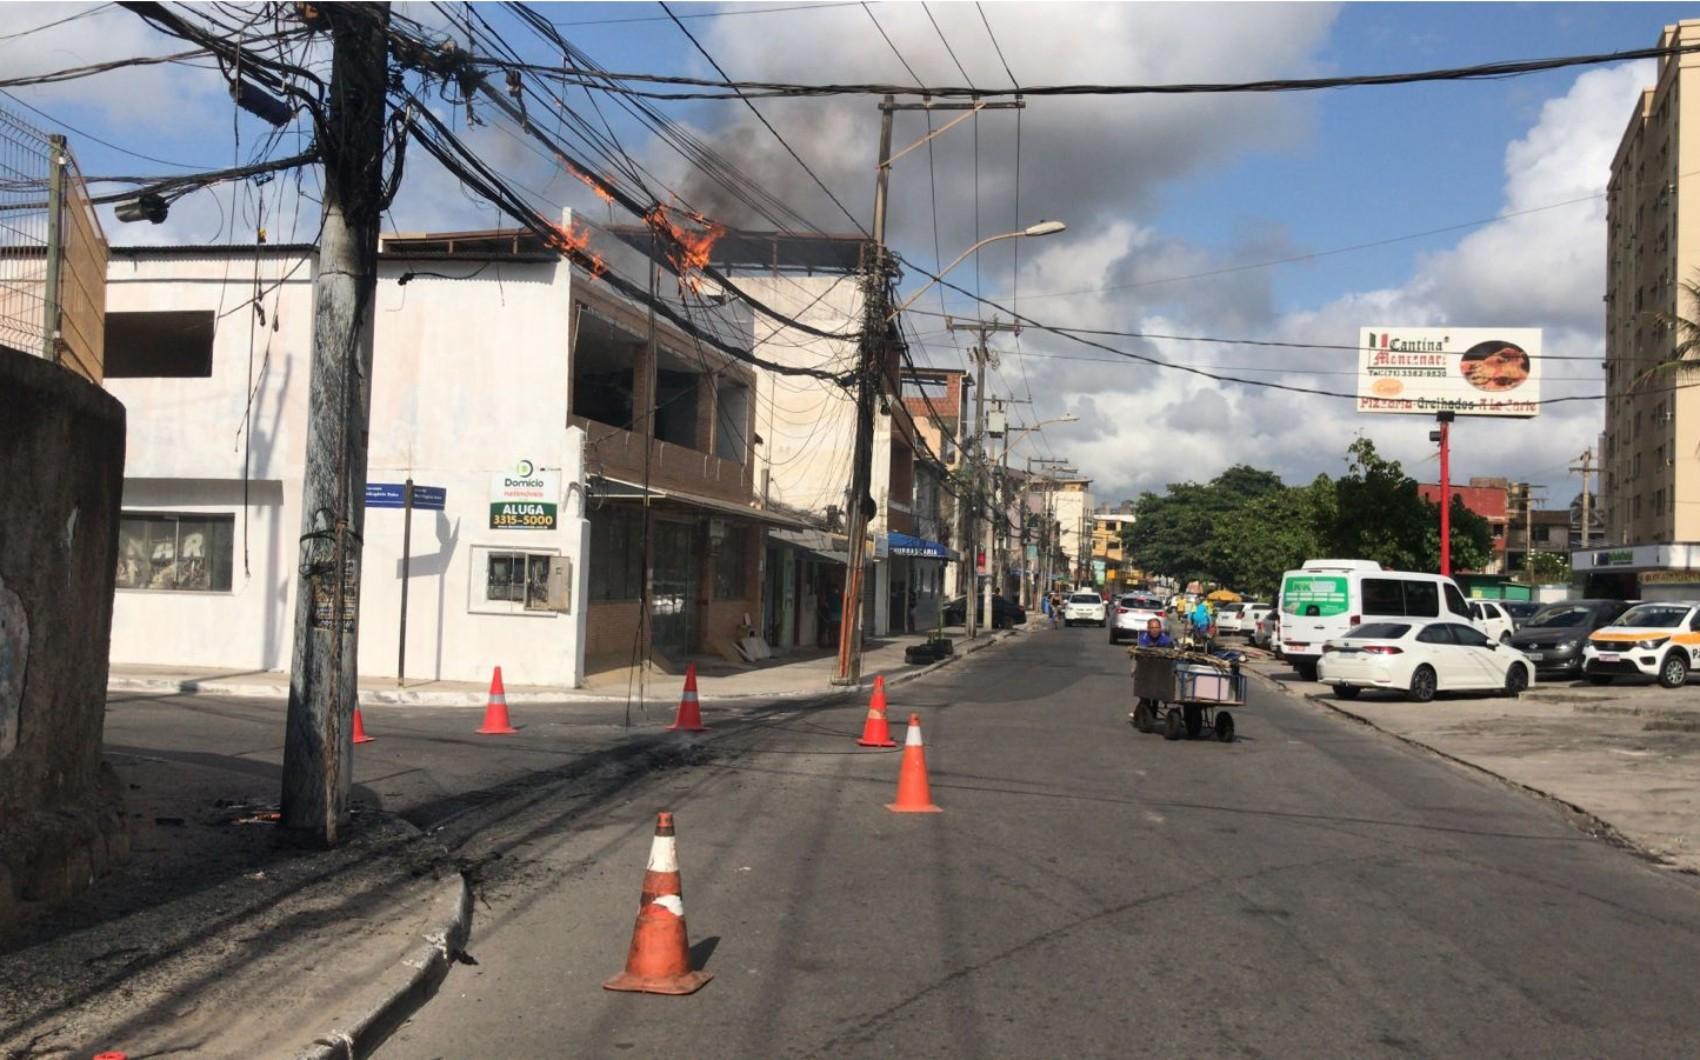 Fiação elétrica pega fogo em poste no bairro da Boca do Rio, em Salvador